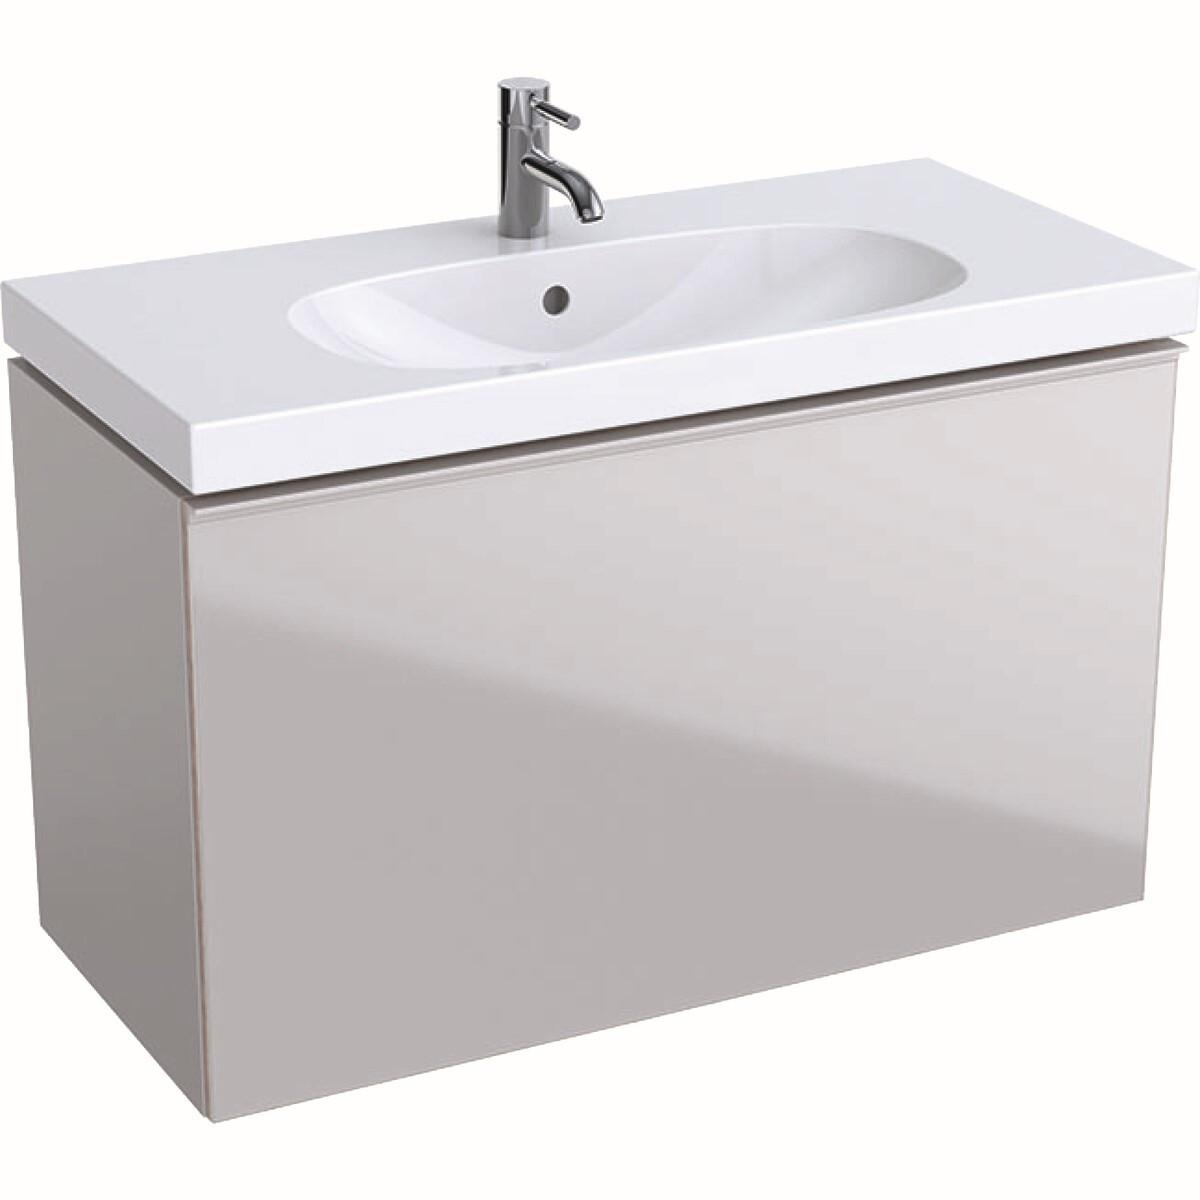 Meuble bas Geberit Acanto pour lavabo 90 cm avec un tiroir en verre sable gris-brillant